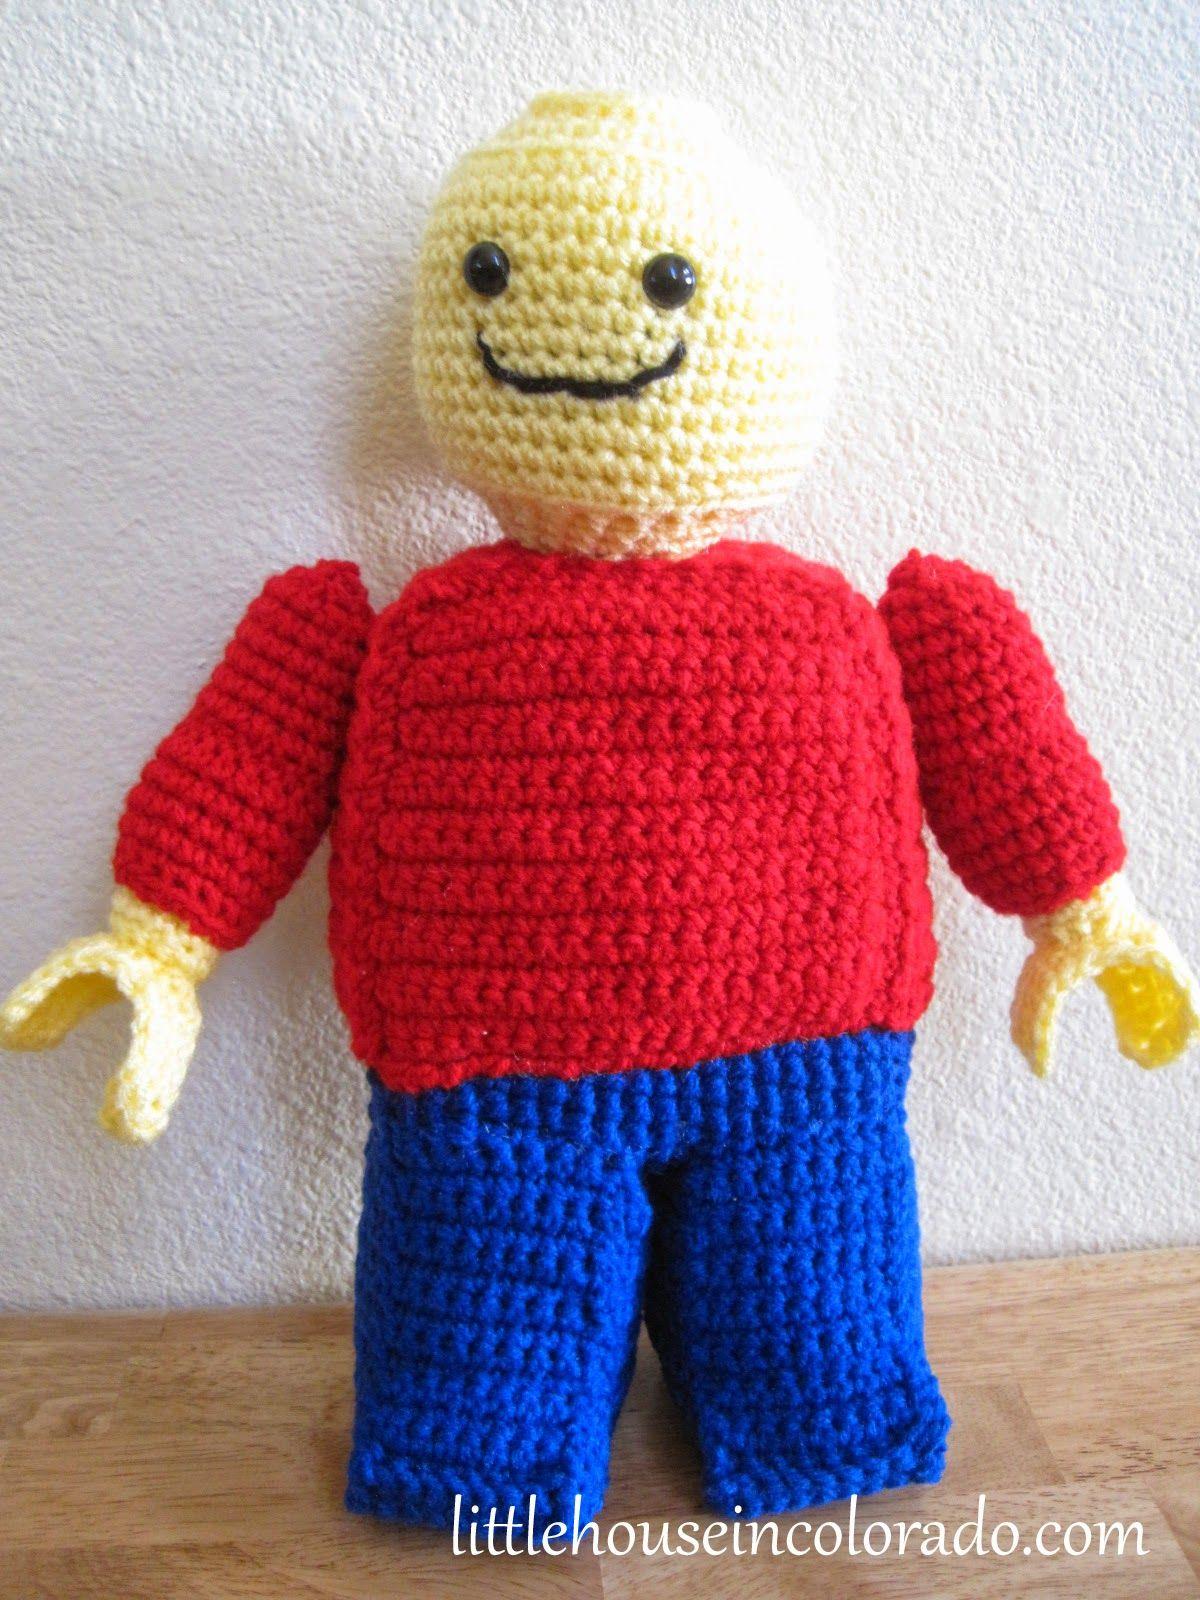 Kleines Haus in Colorado: Muster für Amigurumi Crochet Lego ...